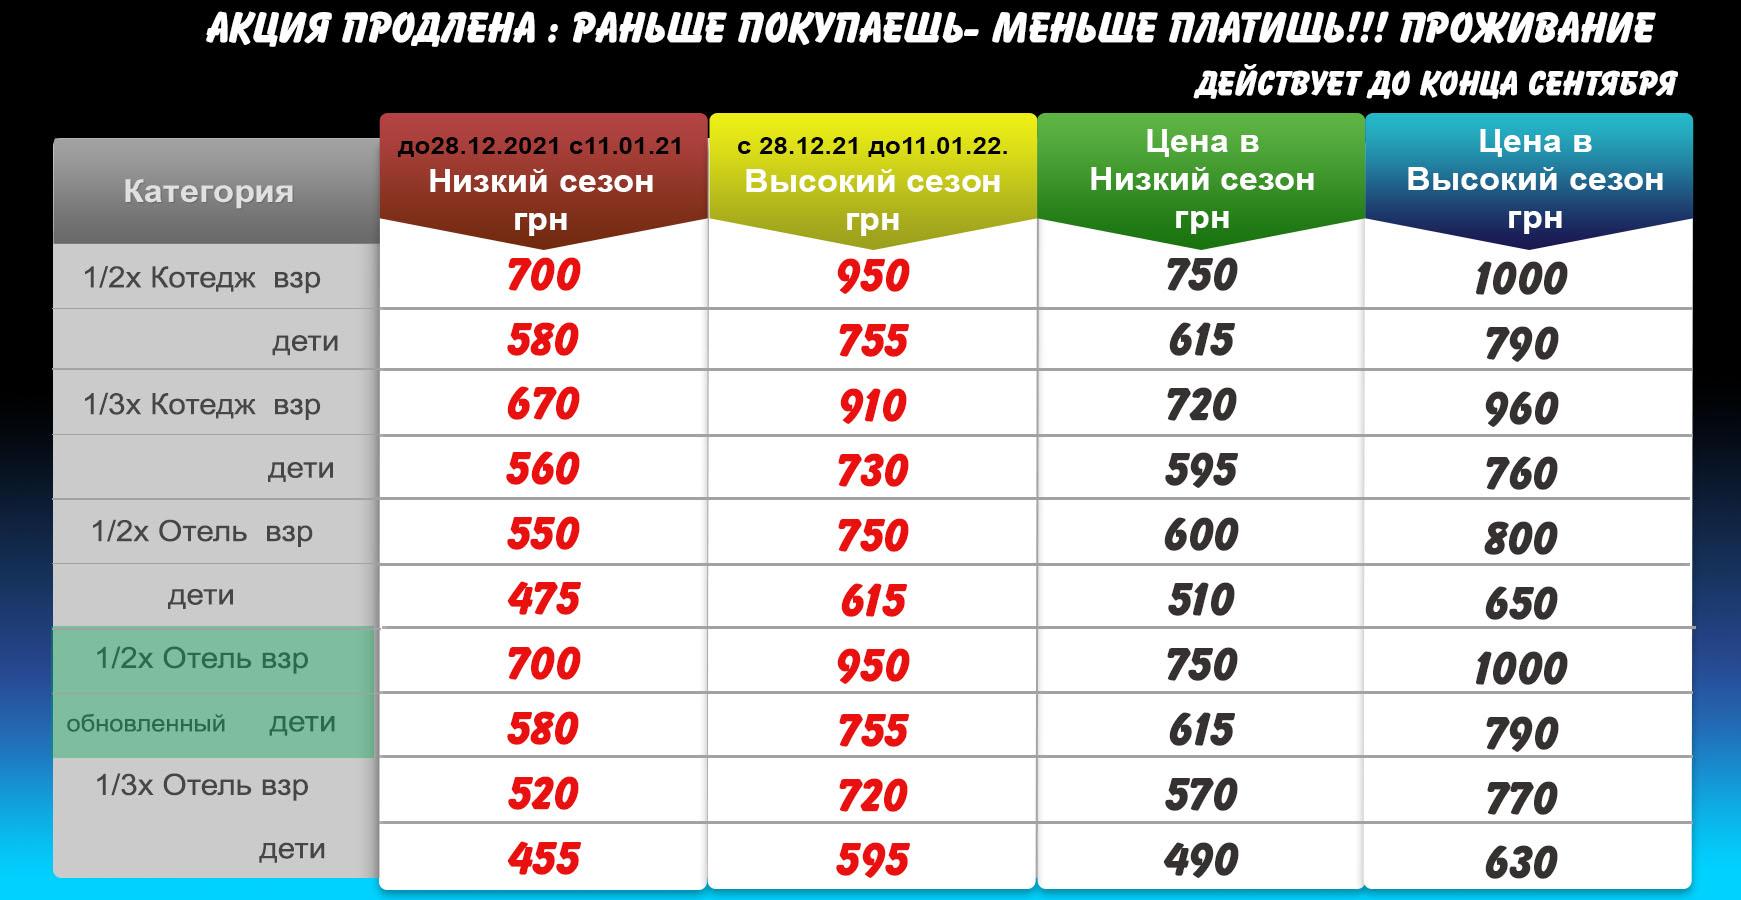 Горнолыжный комплекс «Драгобрат» - Акция на проживание и ски-пасс действует до 30.09.2021г.